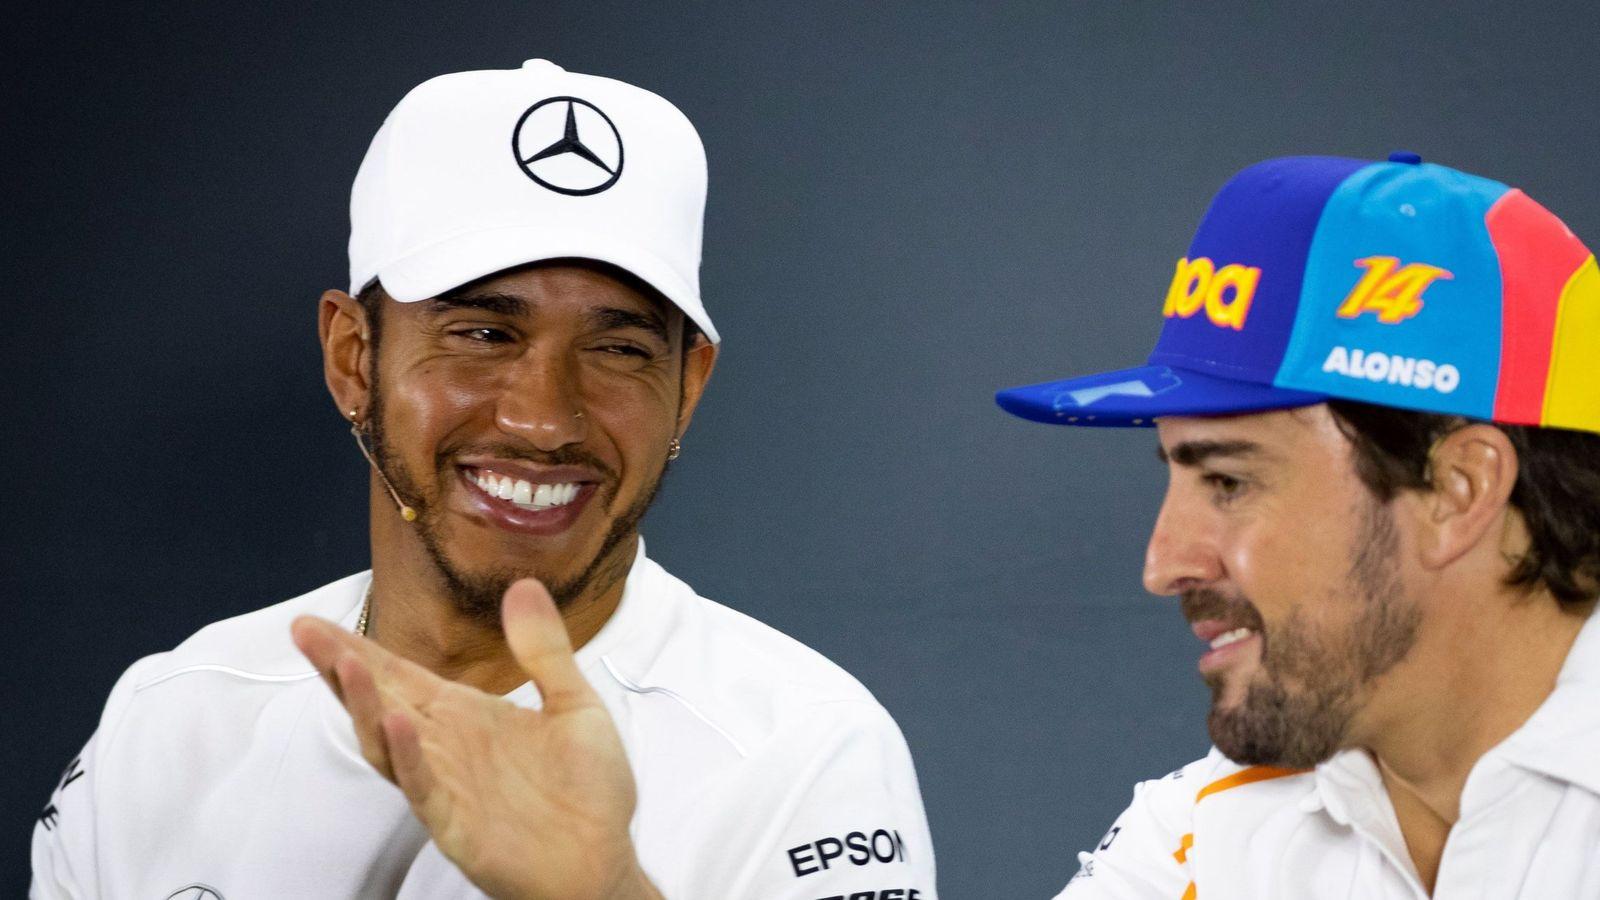 Foto: Fernando Alonso y Lewis Hamilton en la rueda de prensa del Gran Premio de Abu Dabi este jueves. (EFE)